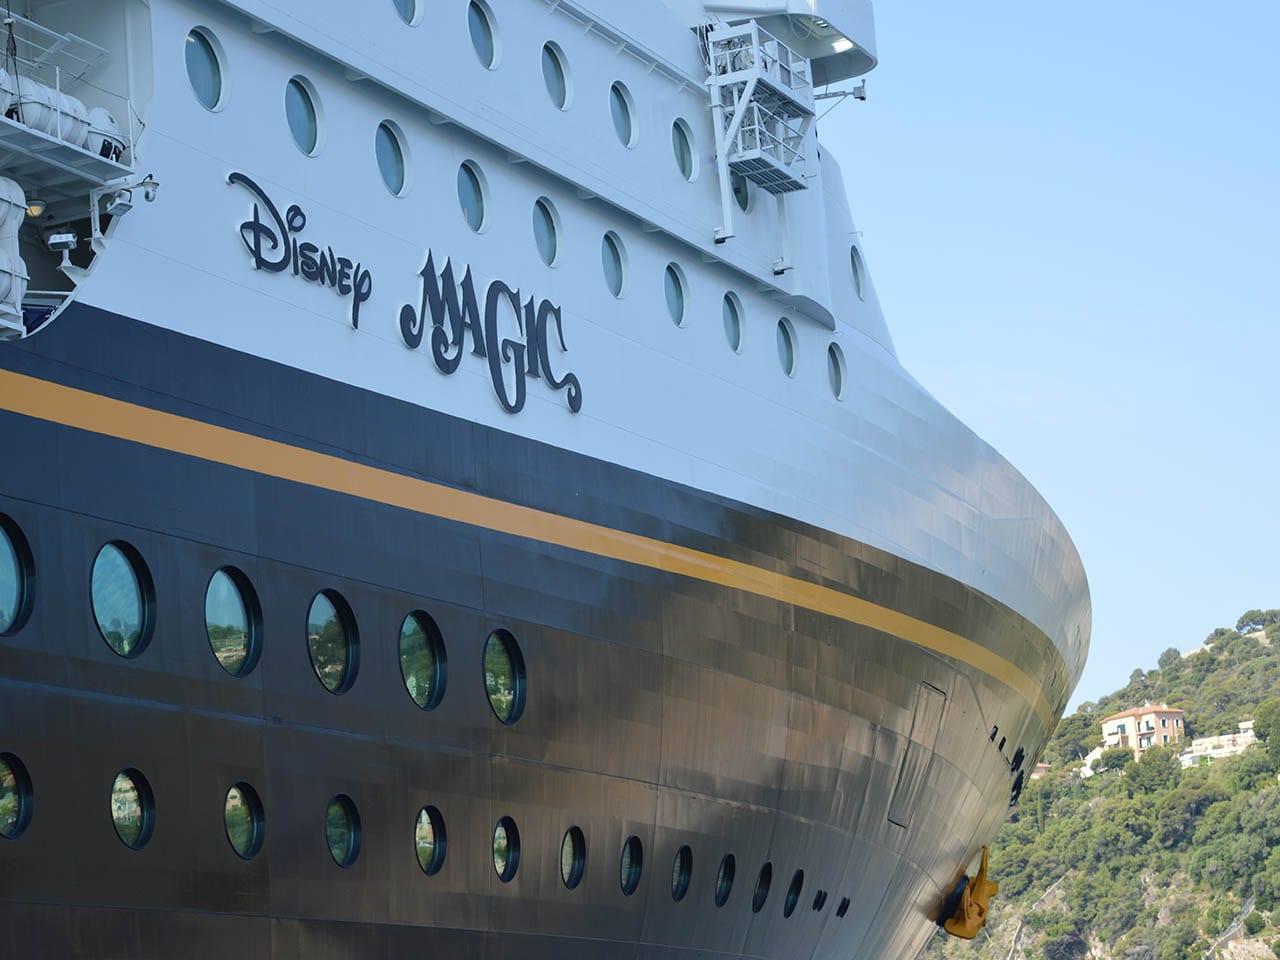 Une typographie qu'on reconnait entre mille, bateau disney cruise line, disney magic